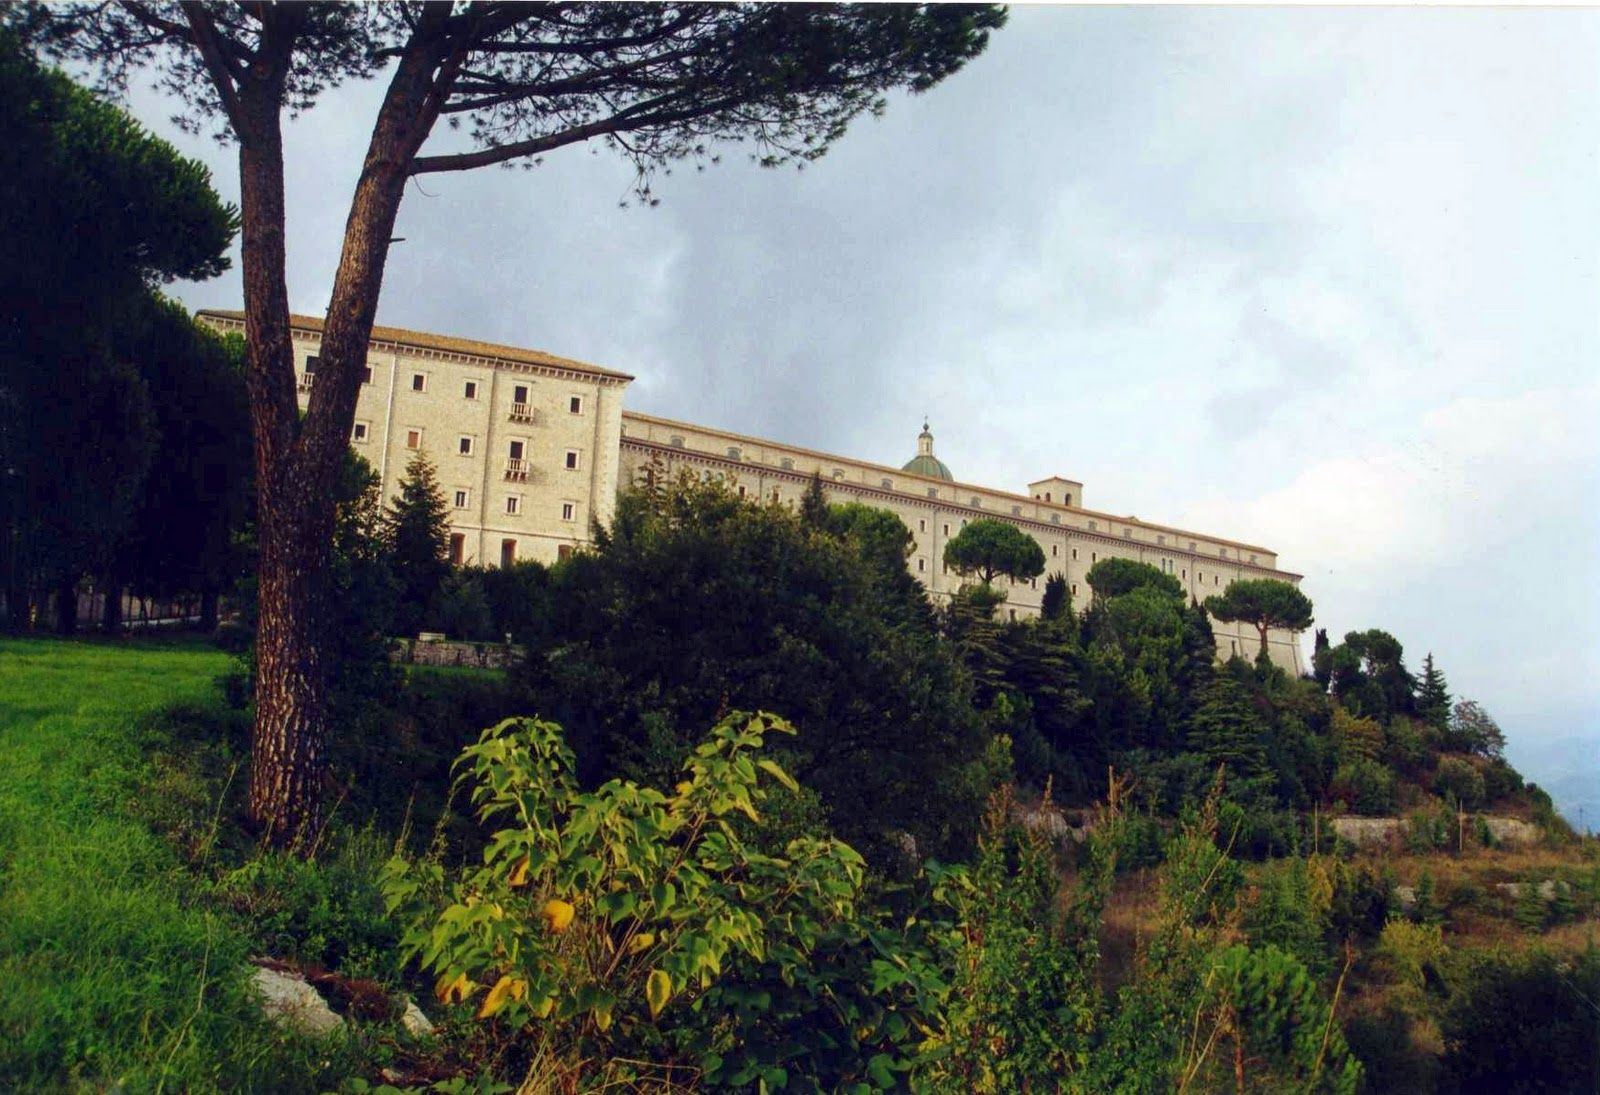 the monastery on Monte Cassino